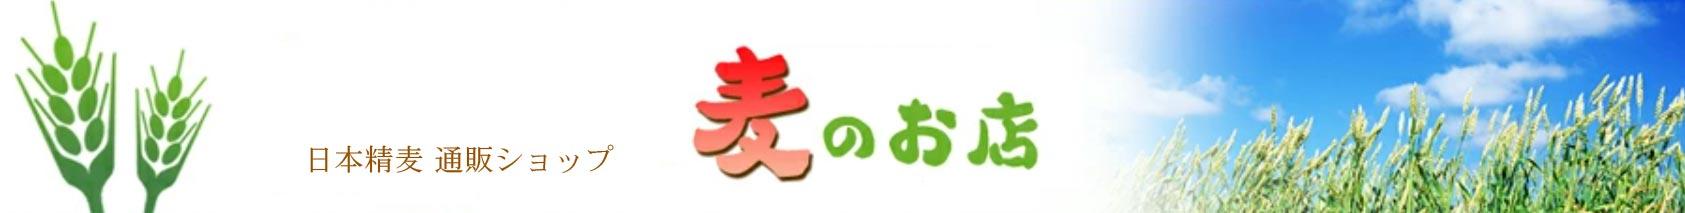 日本精麦通販ショップ 麦のお店